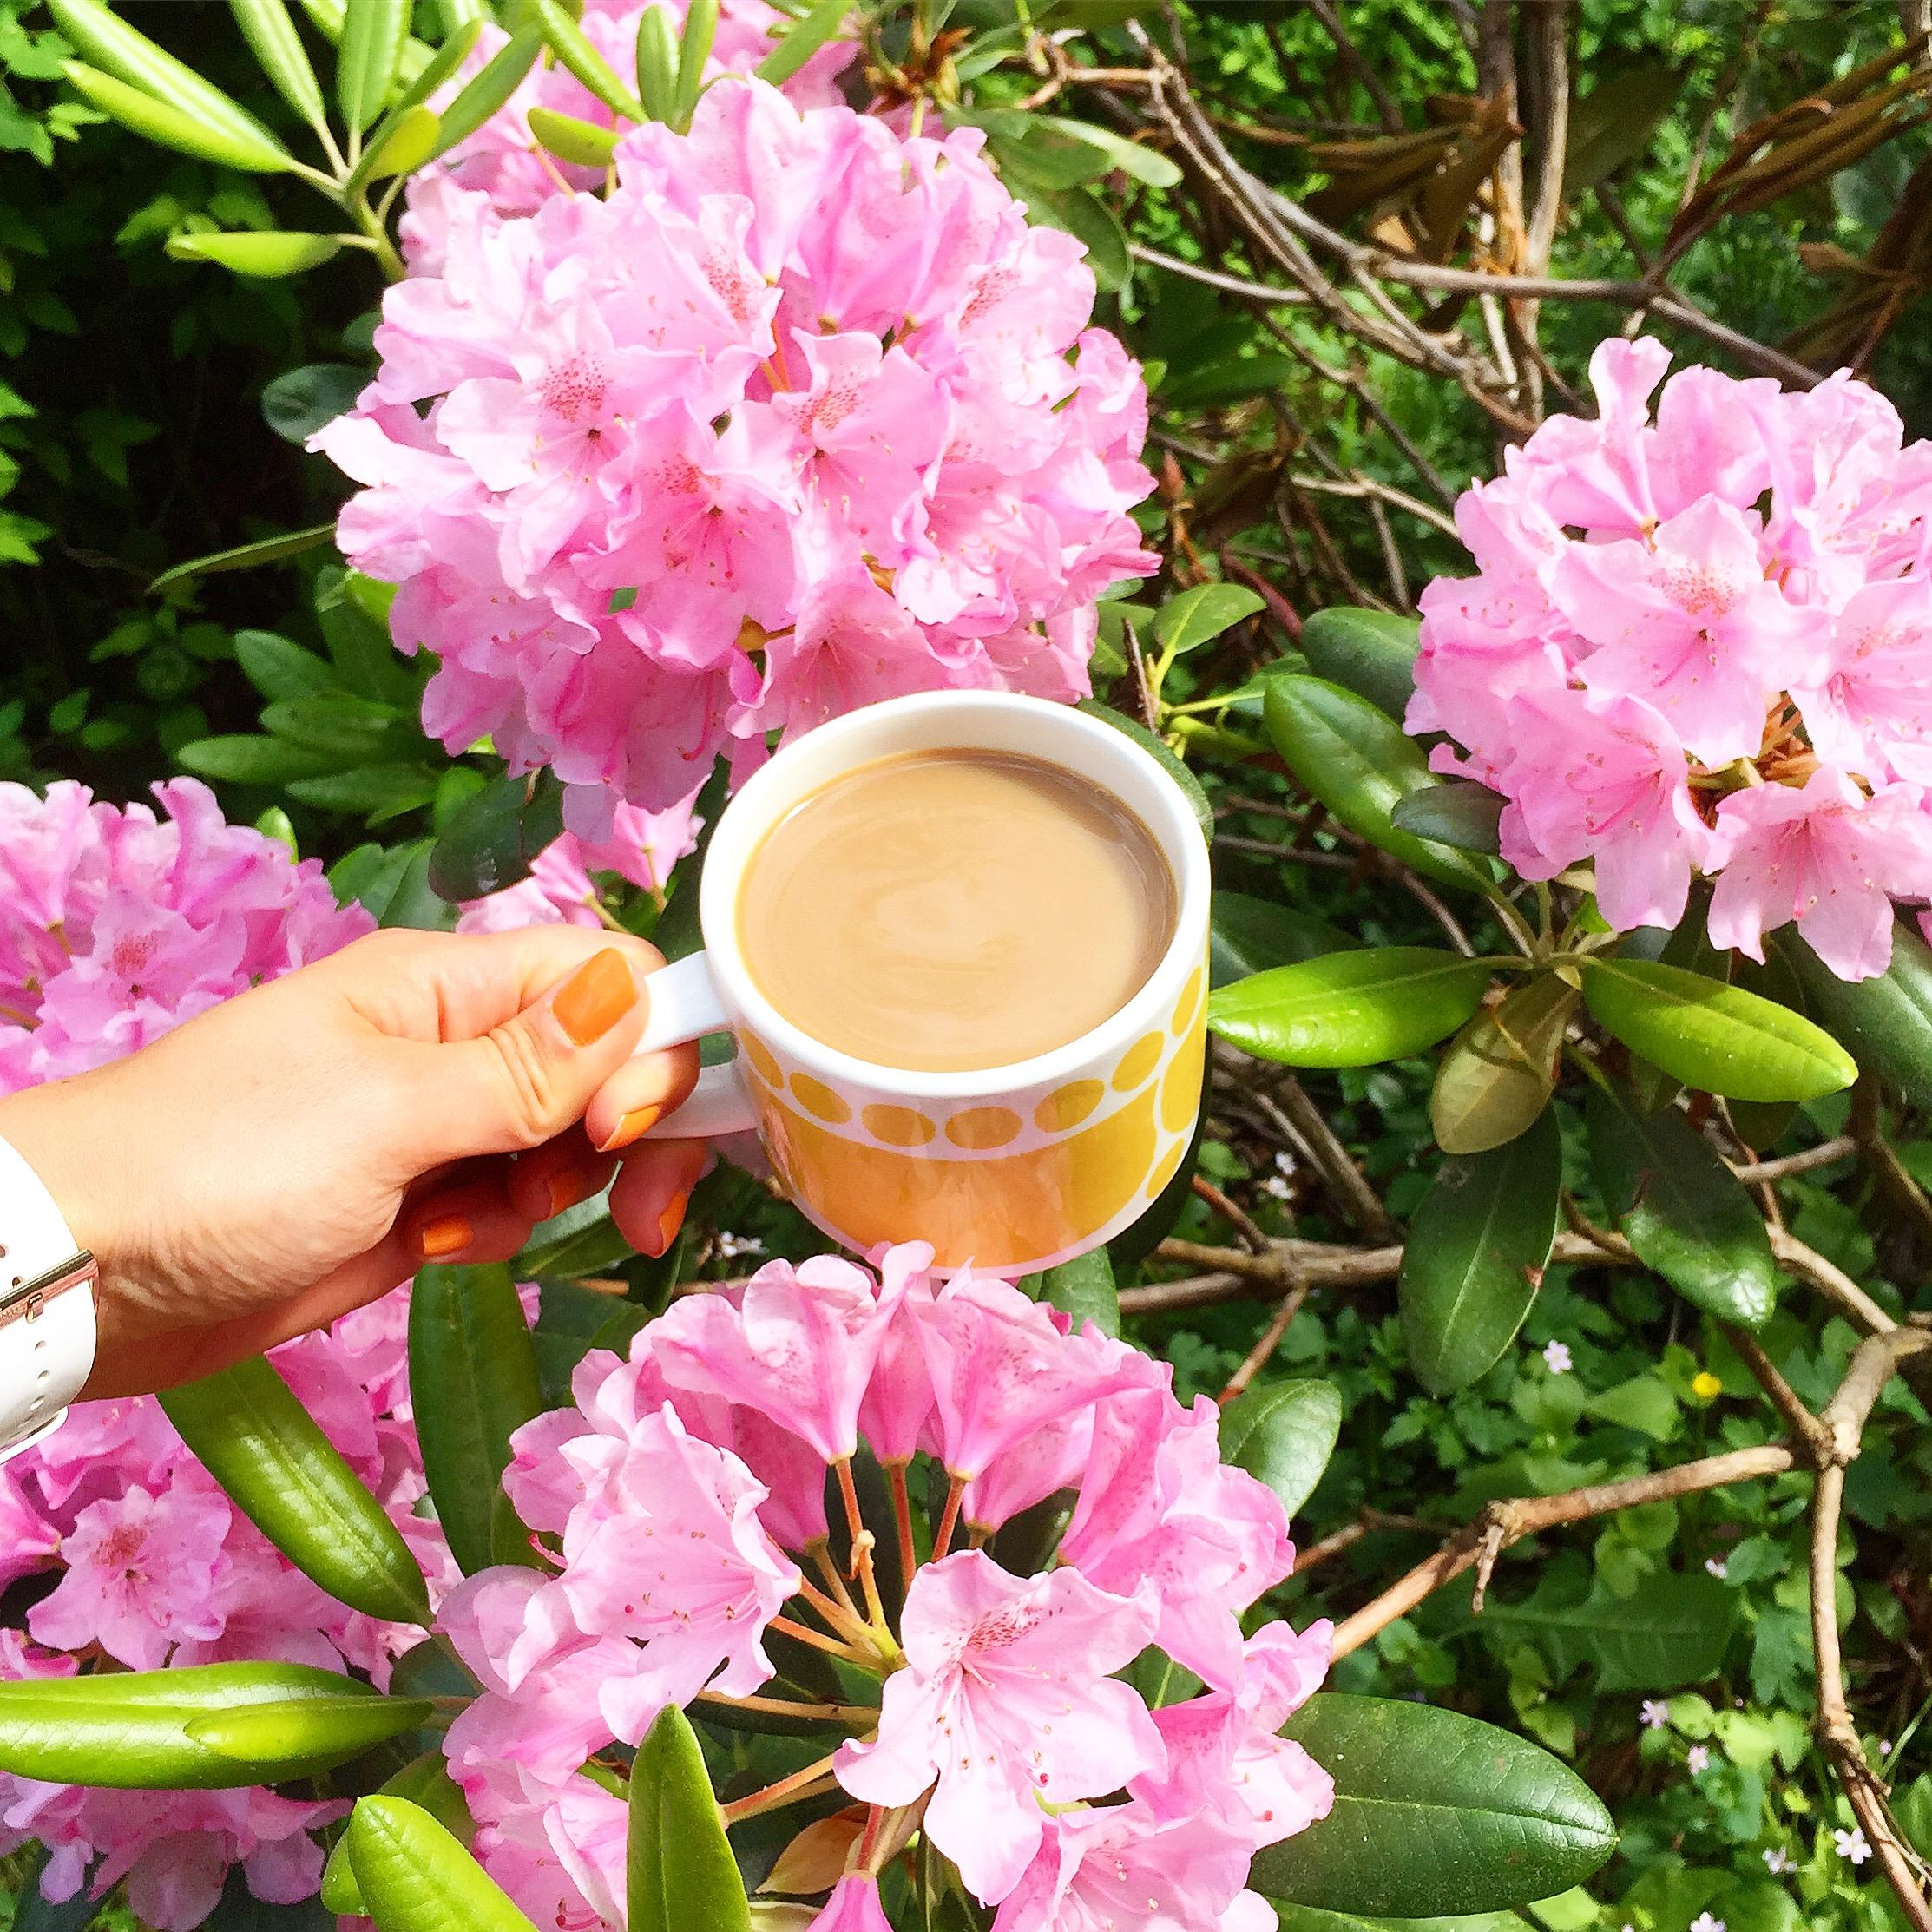 Elluyellow keltainen kahvikuppi ja rhodot